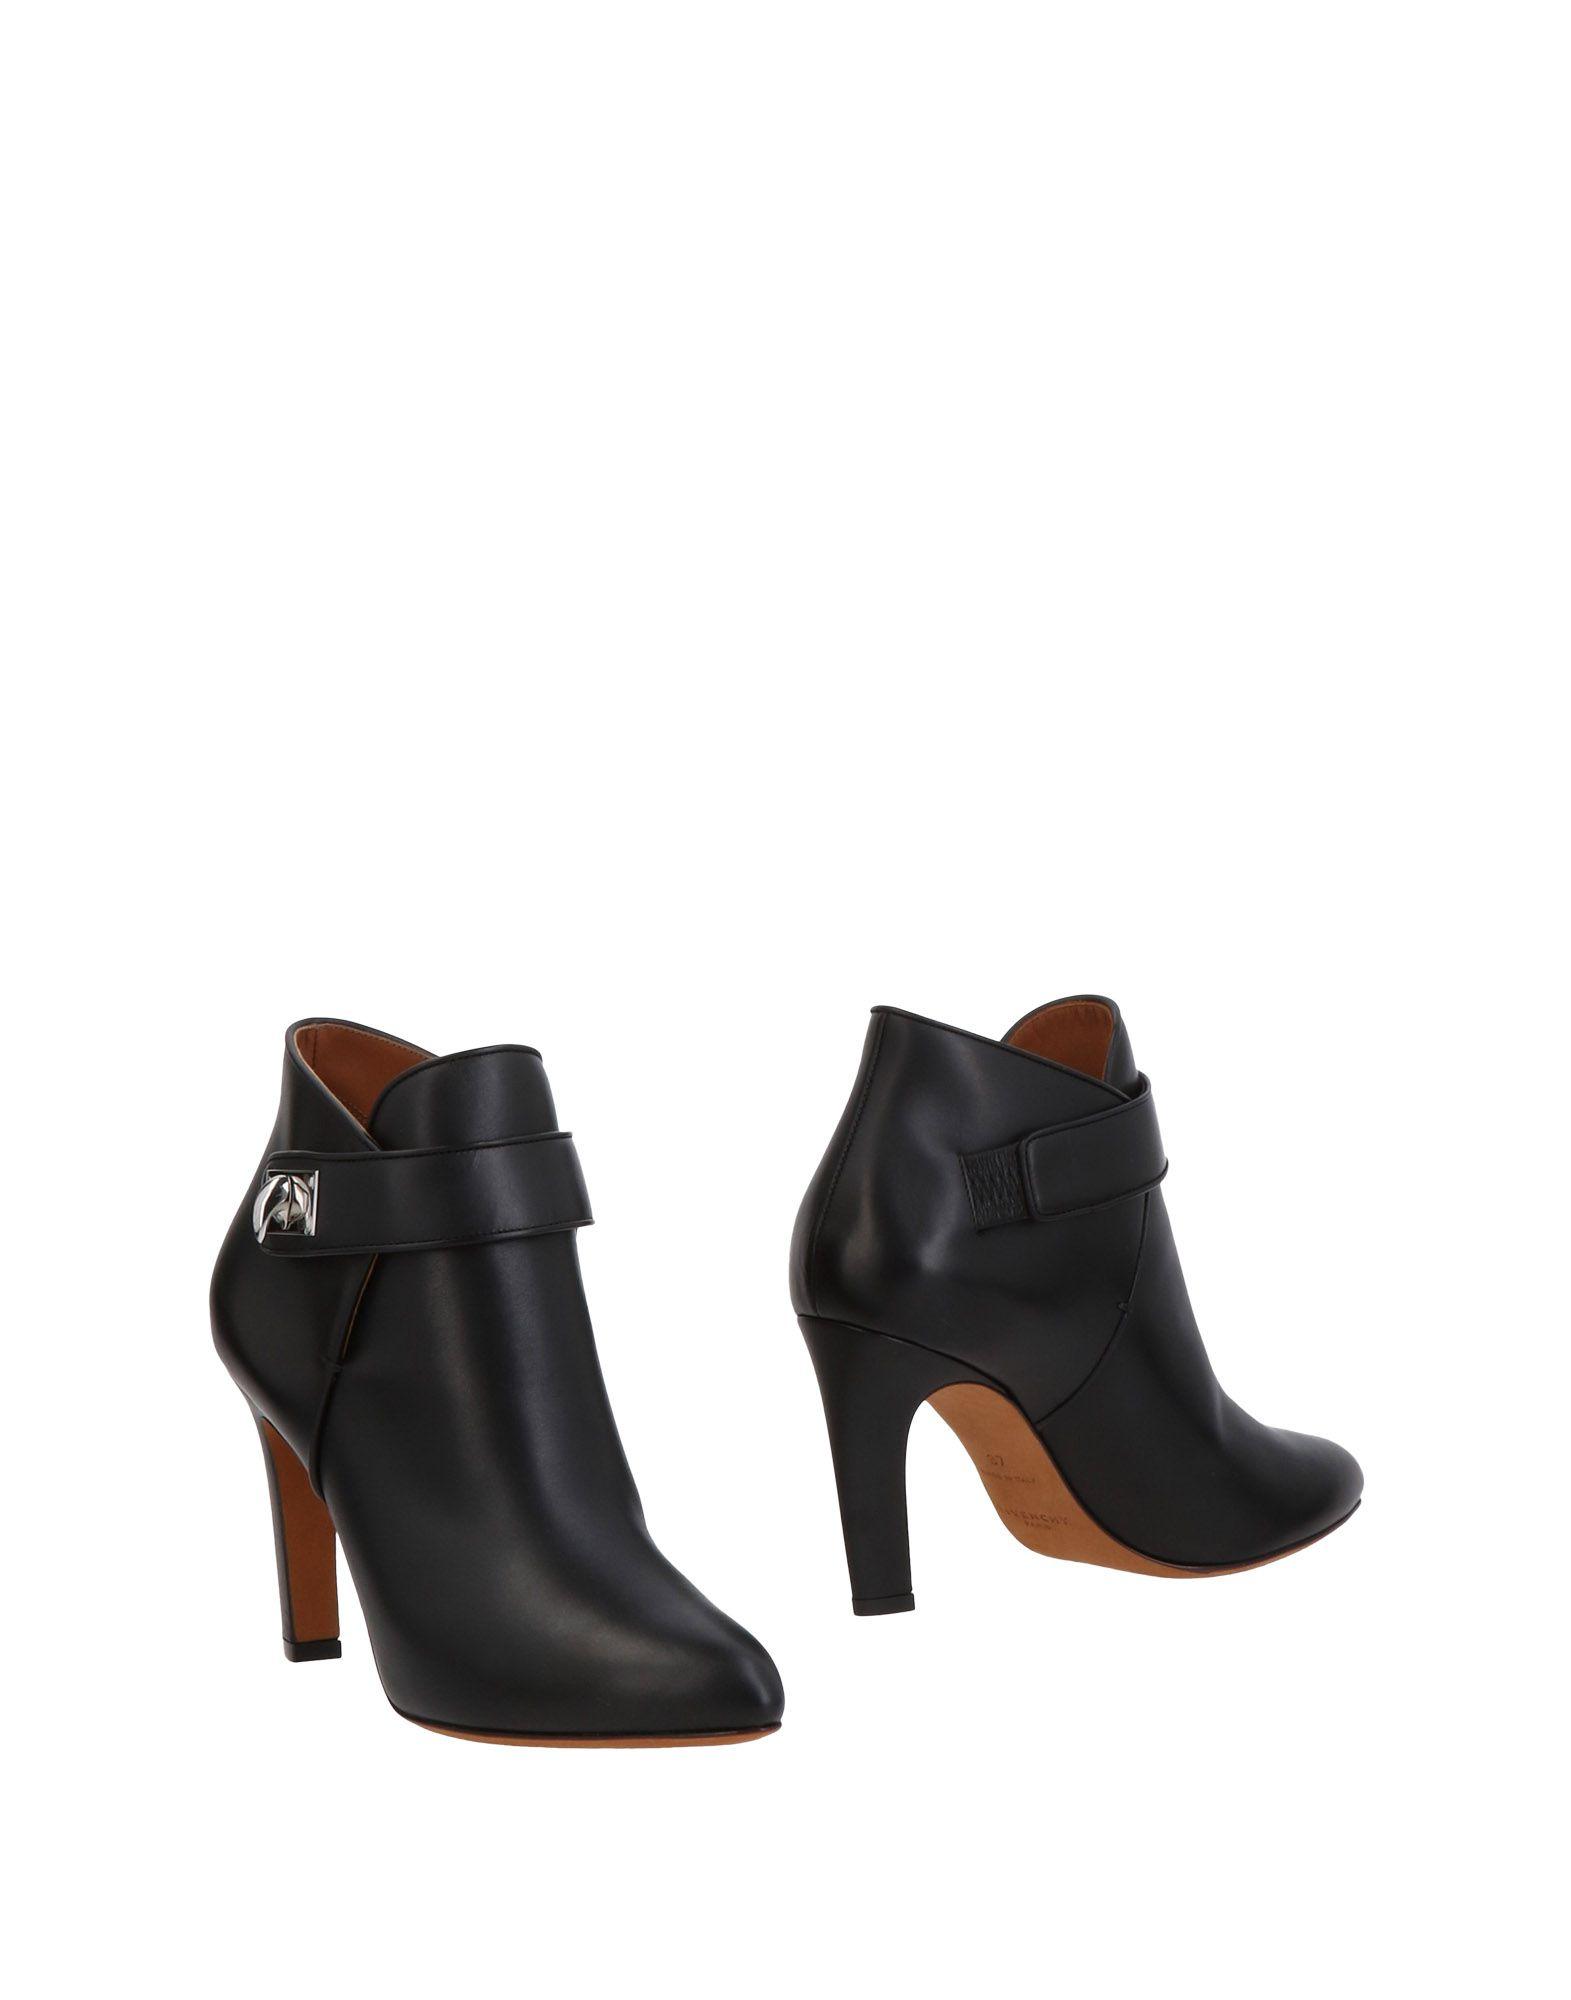 Bottine Givenchy Femme - Bottines Givenchy Noir Dédouanement saisonnier